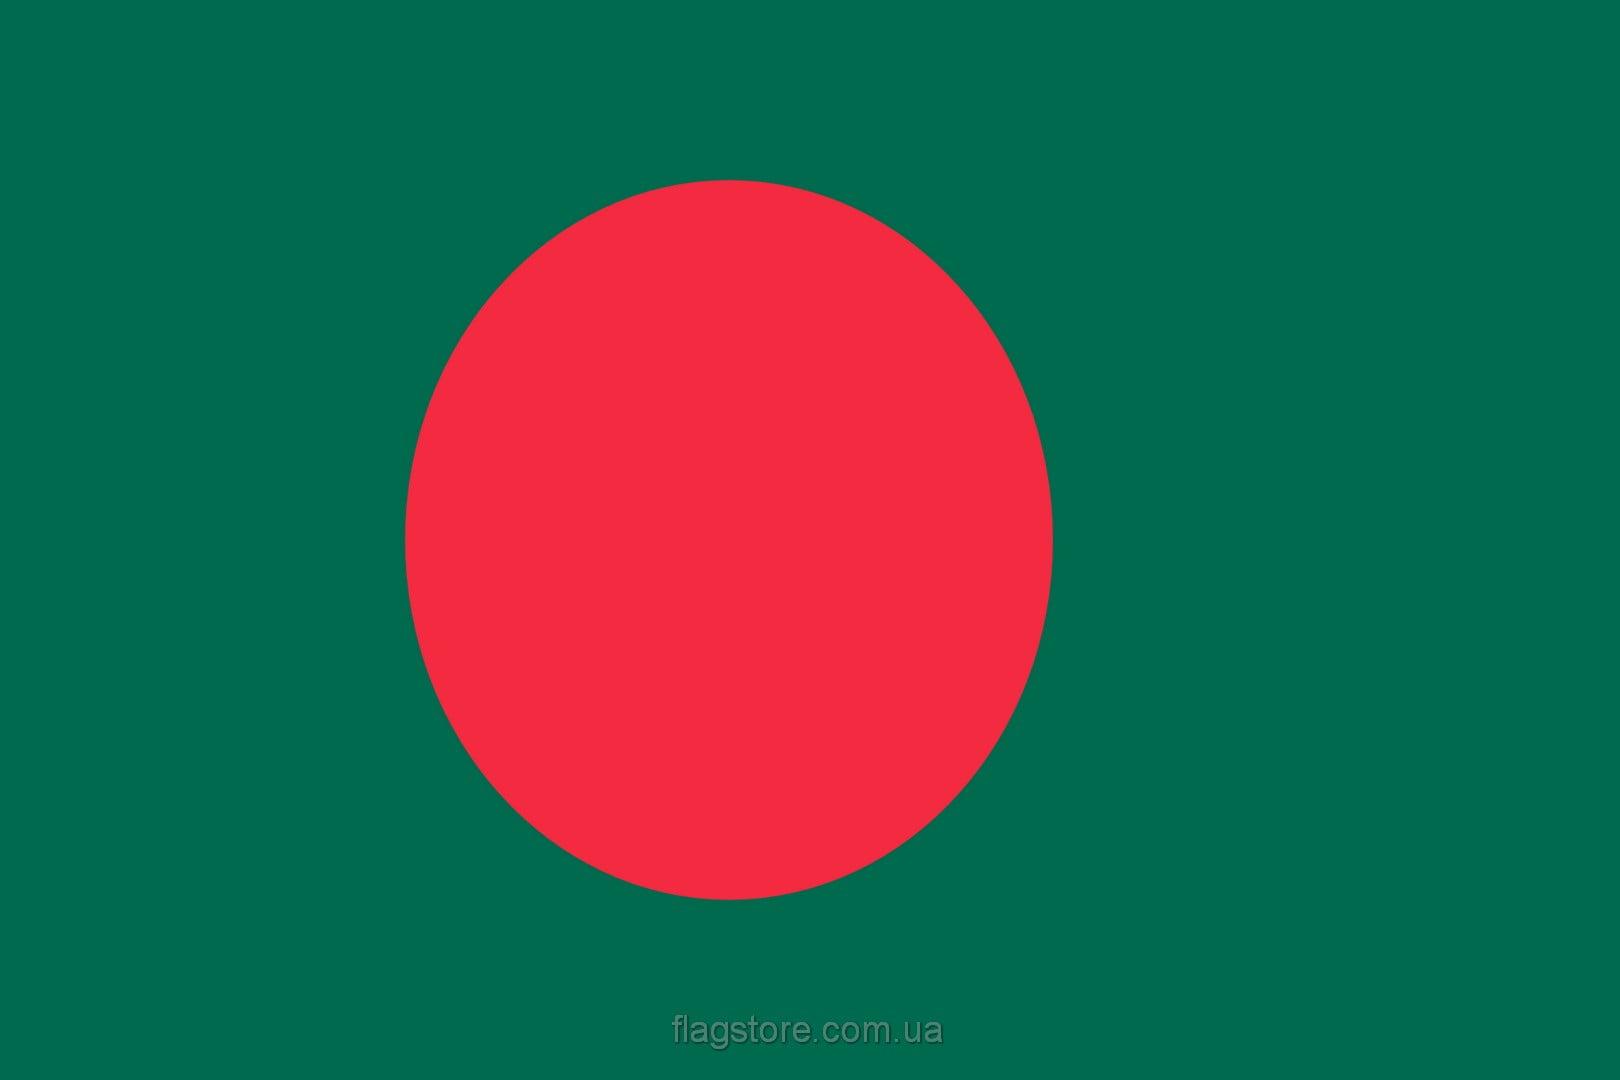 Купить флаг страны Бангладеш